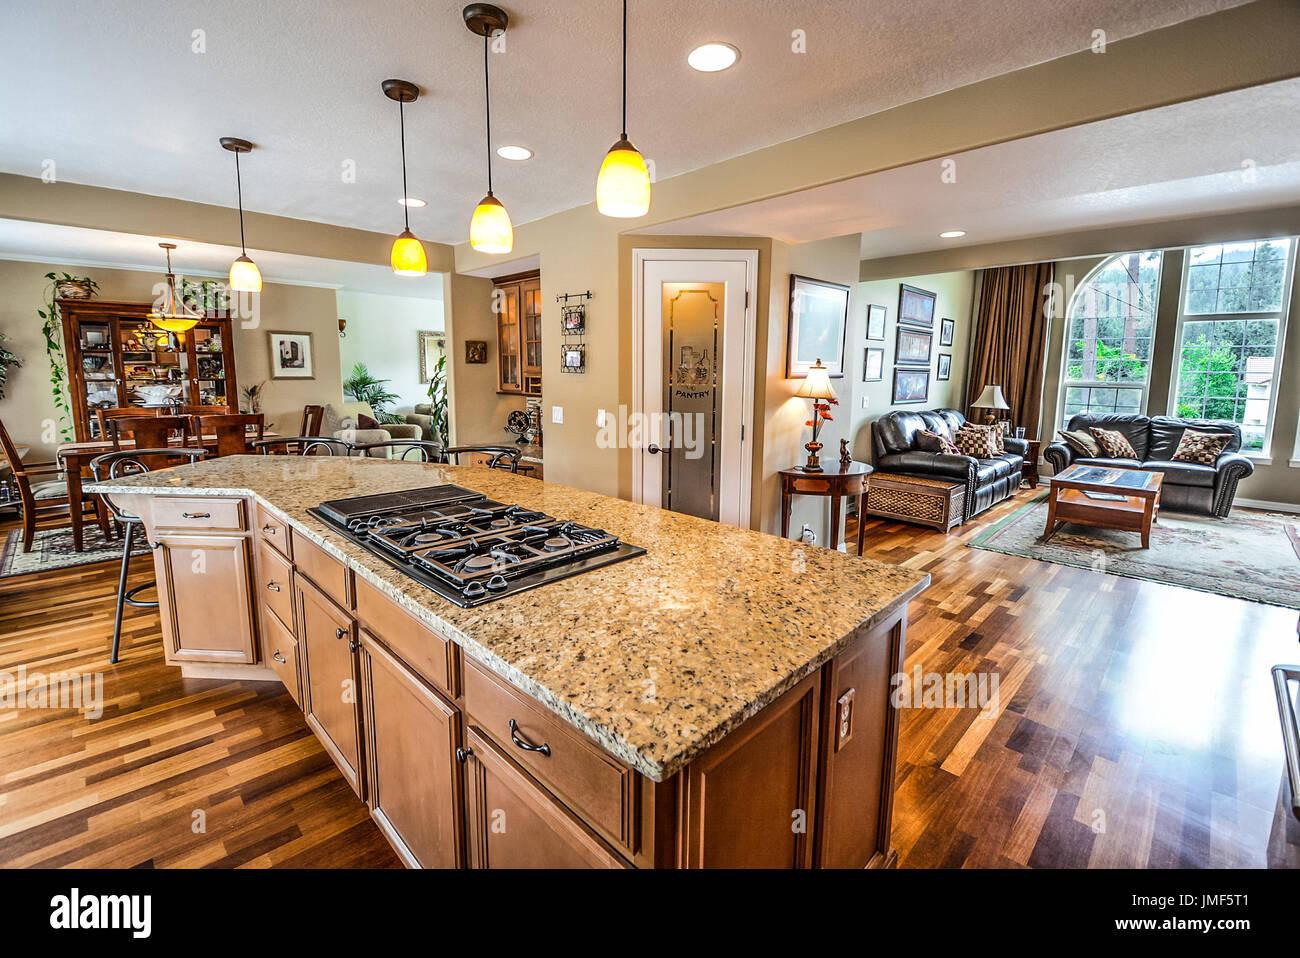 Geräumige Luxus-Haus mit großen Granitfelsen oben in der Mitte Küche ...